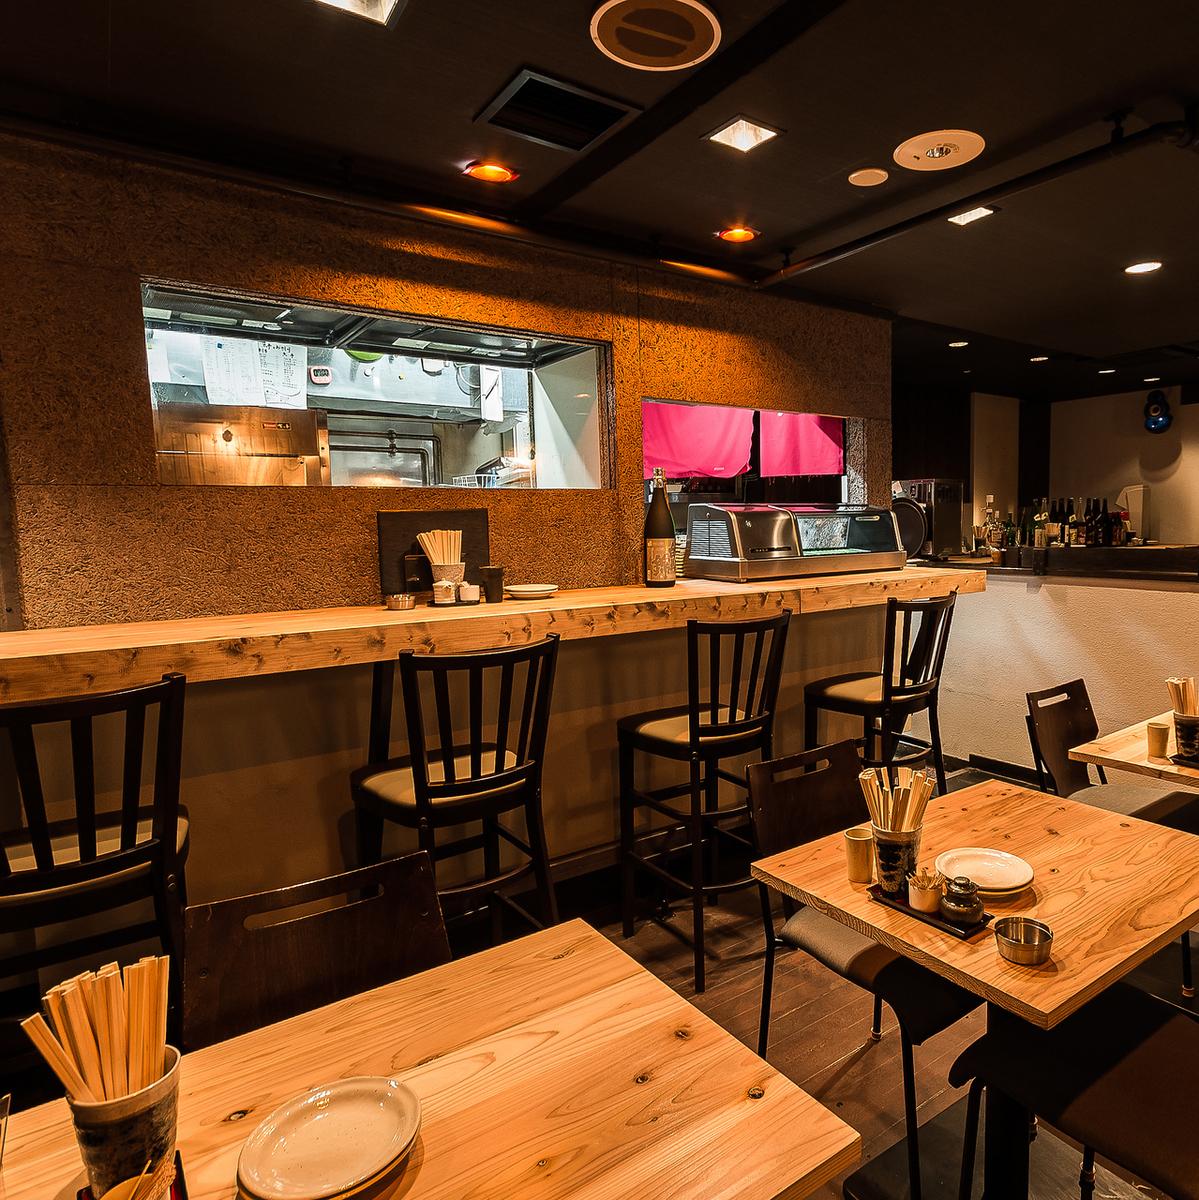 這是一個令人愉快的空間,適合意外的用餐和飲酒派對桌座可以根據人數加起來!我們也有一個很棒的年終派對計劃!!請隨時聯繫我們050-5348-5546查詢!